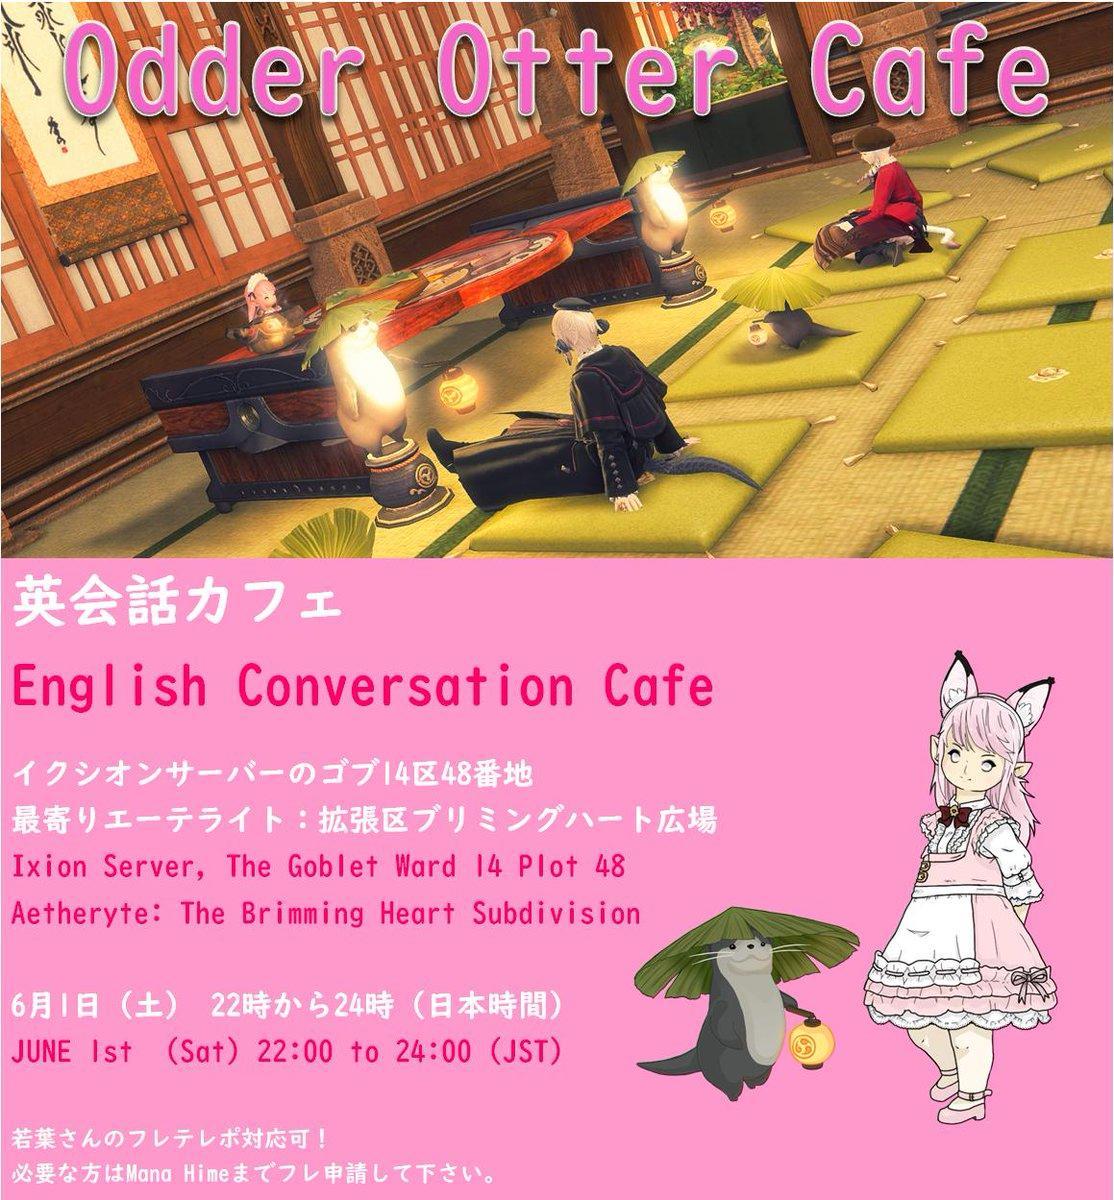 #マナDC の #イクシオン鯖 のオッダーオッター英会話カフェは今週の土曜日!The Odder Otter English Conversation Cafe of #ManaDC's #IxionServer is Saturday!楽しみにしてください!Please look forward to it!英語練習頑張りましょう#OdderOtterCommunity #odderottercafe_ff14 #ff14 #ffxiv